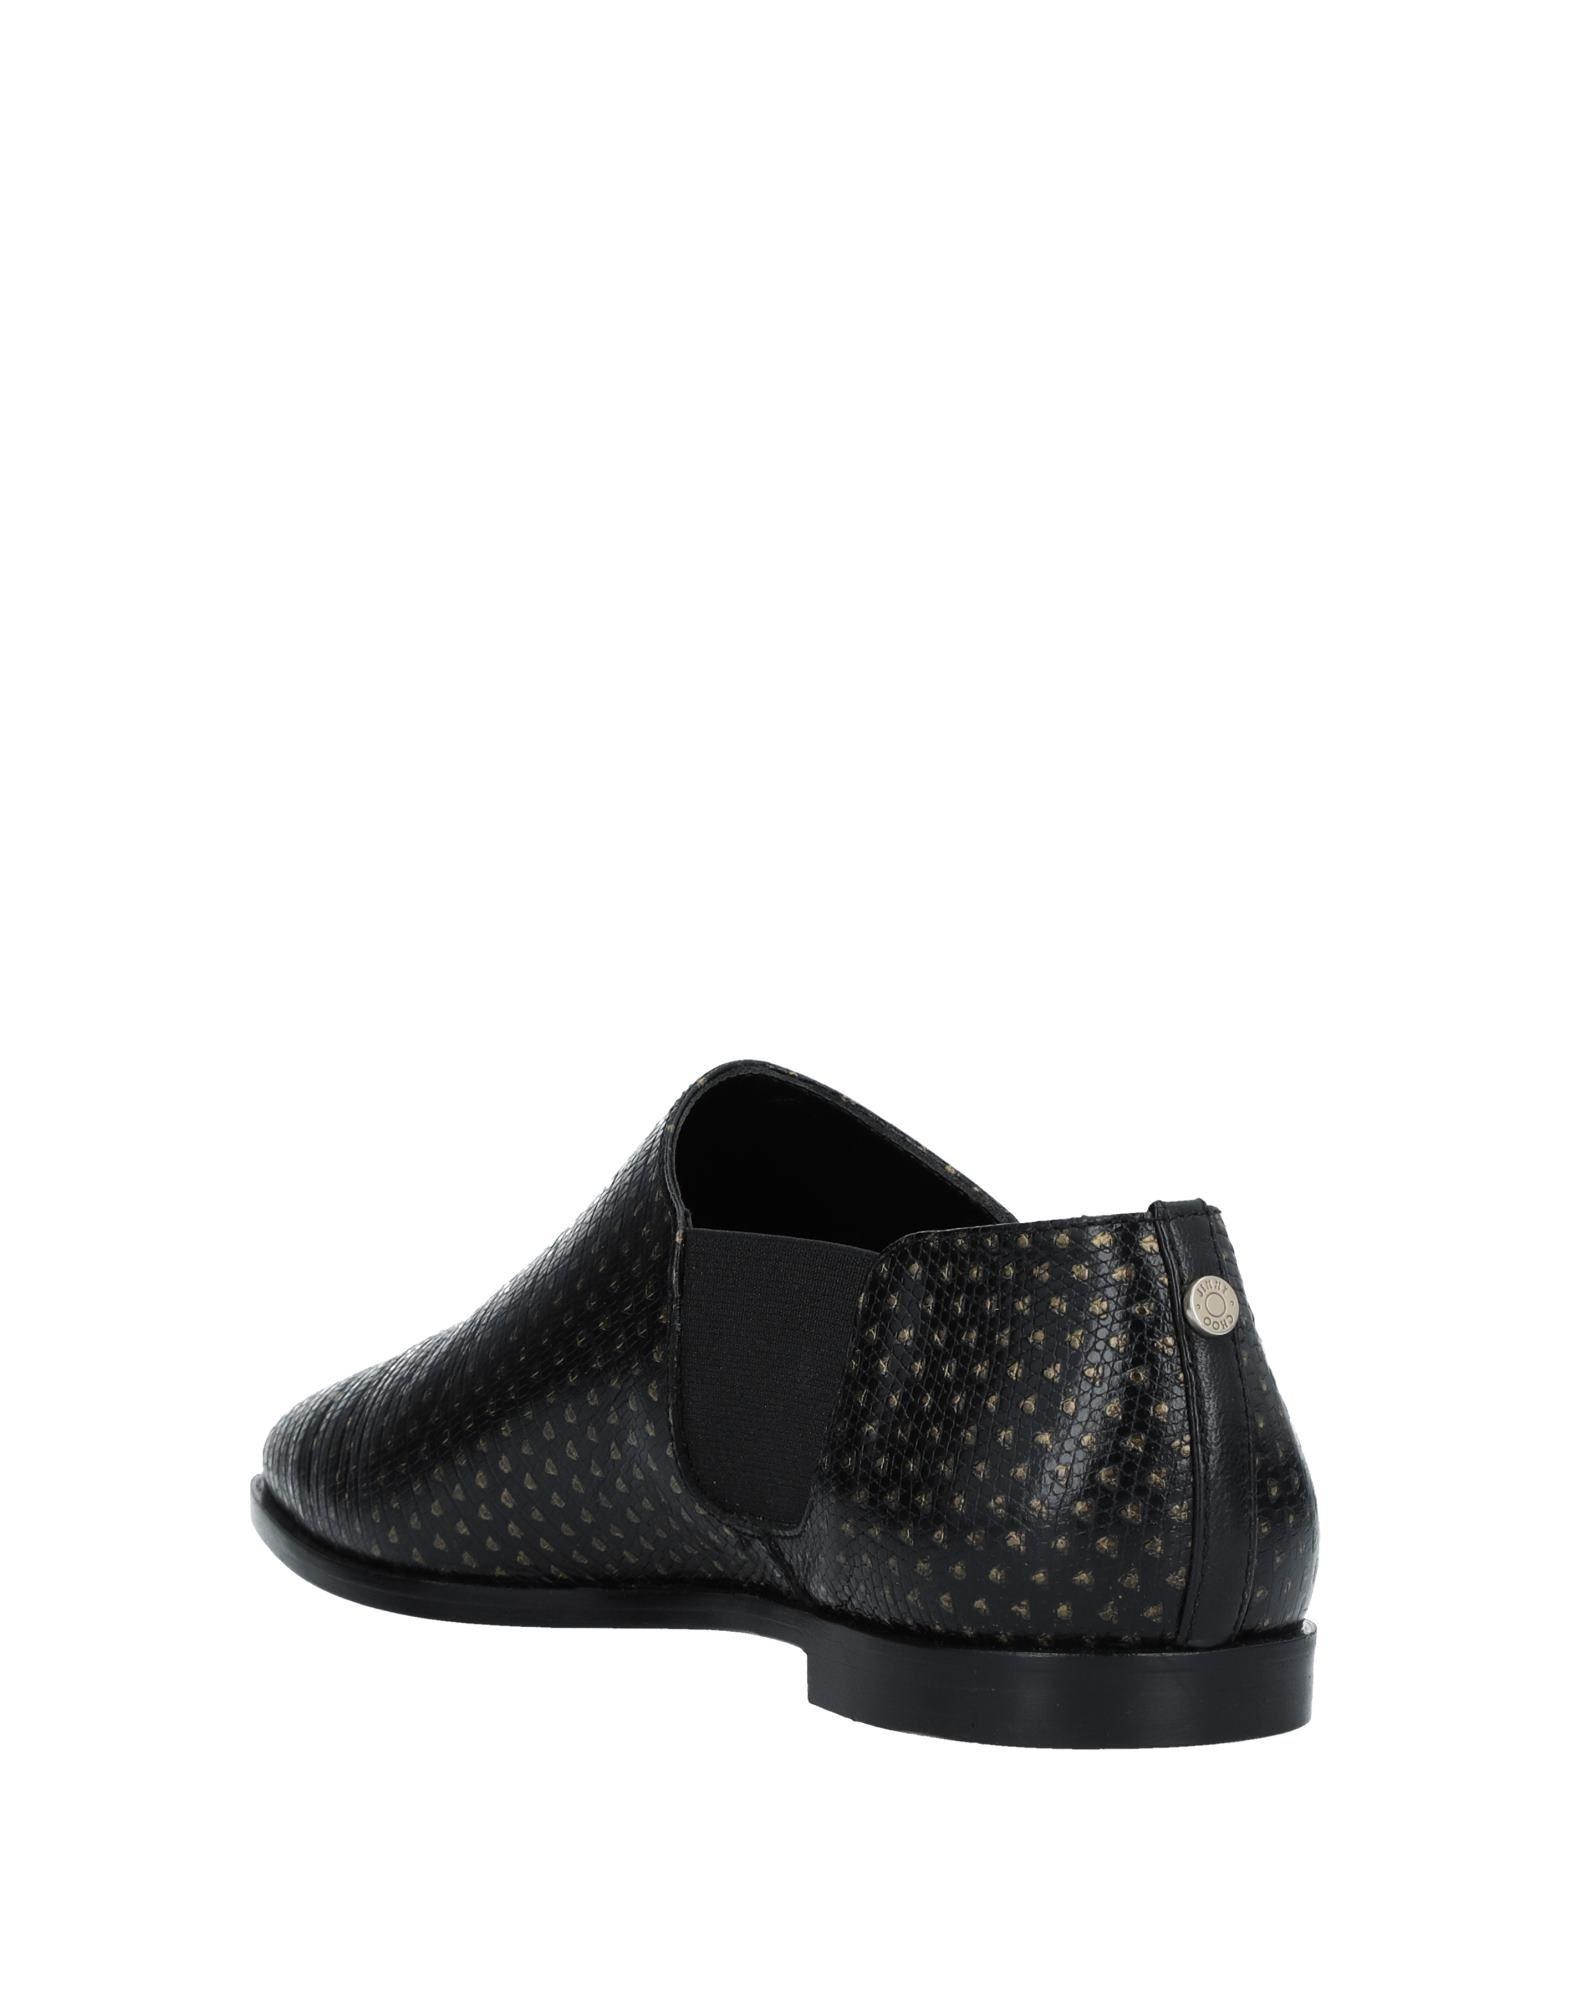 Jimmy Choo Mokassins Damen  Schuhe 11533680LLGünstige gut aussehende Schuhe  4c5c93